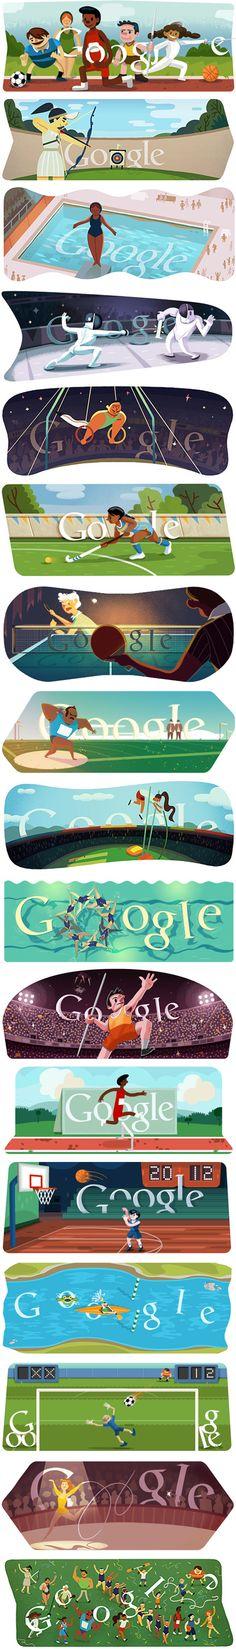 // 2012 Olympics Google Doodles @Randy Bradley